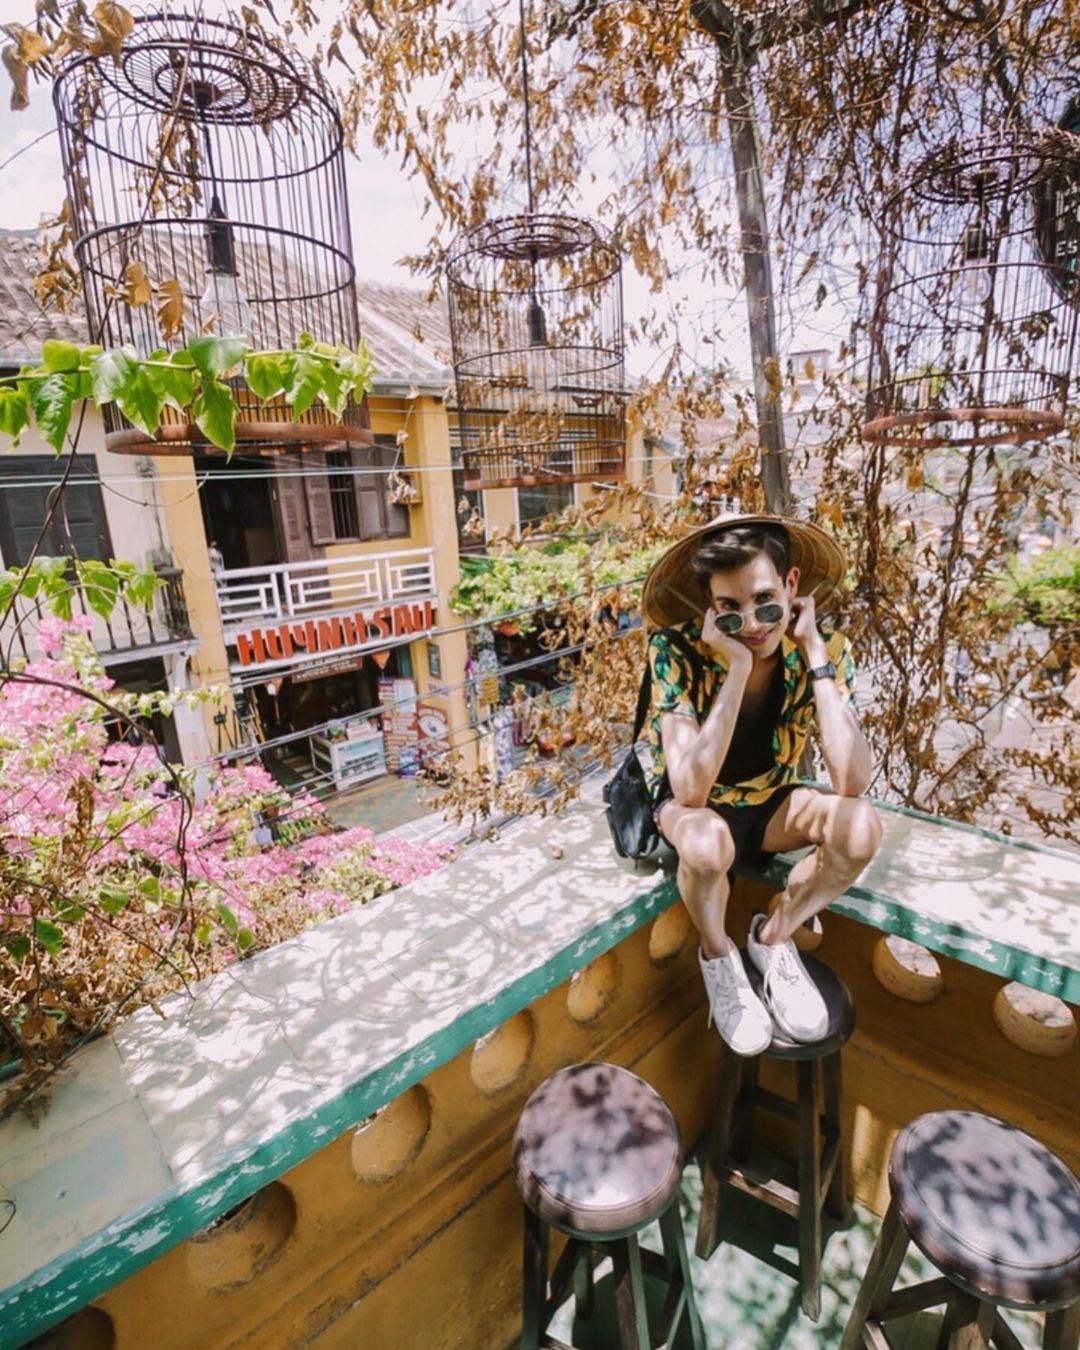 #travel #traveling #travelgram #travelpics #ilovetravel #travelling O melhor caf, com as buzinas mais altas tudo isso misturado numa gastronomia sensa e regado com muito amor de um povo muito feliz sem ter muito, bom dia Vietn........#vietnam #hanoi #saigon #travel #danang #love #travelphotography #n #photography #vietnamese #t #asia #ng #hochiminhcity #l #vietnamtravel #hochiminh #hoian #like #s #wanderlust #indonesia #travelgram #c #fashion #thailand #rodi #ch #sapa #bhfyp